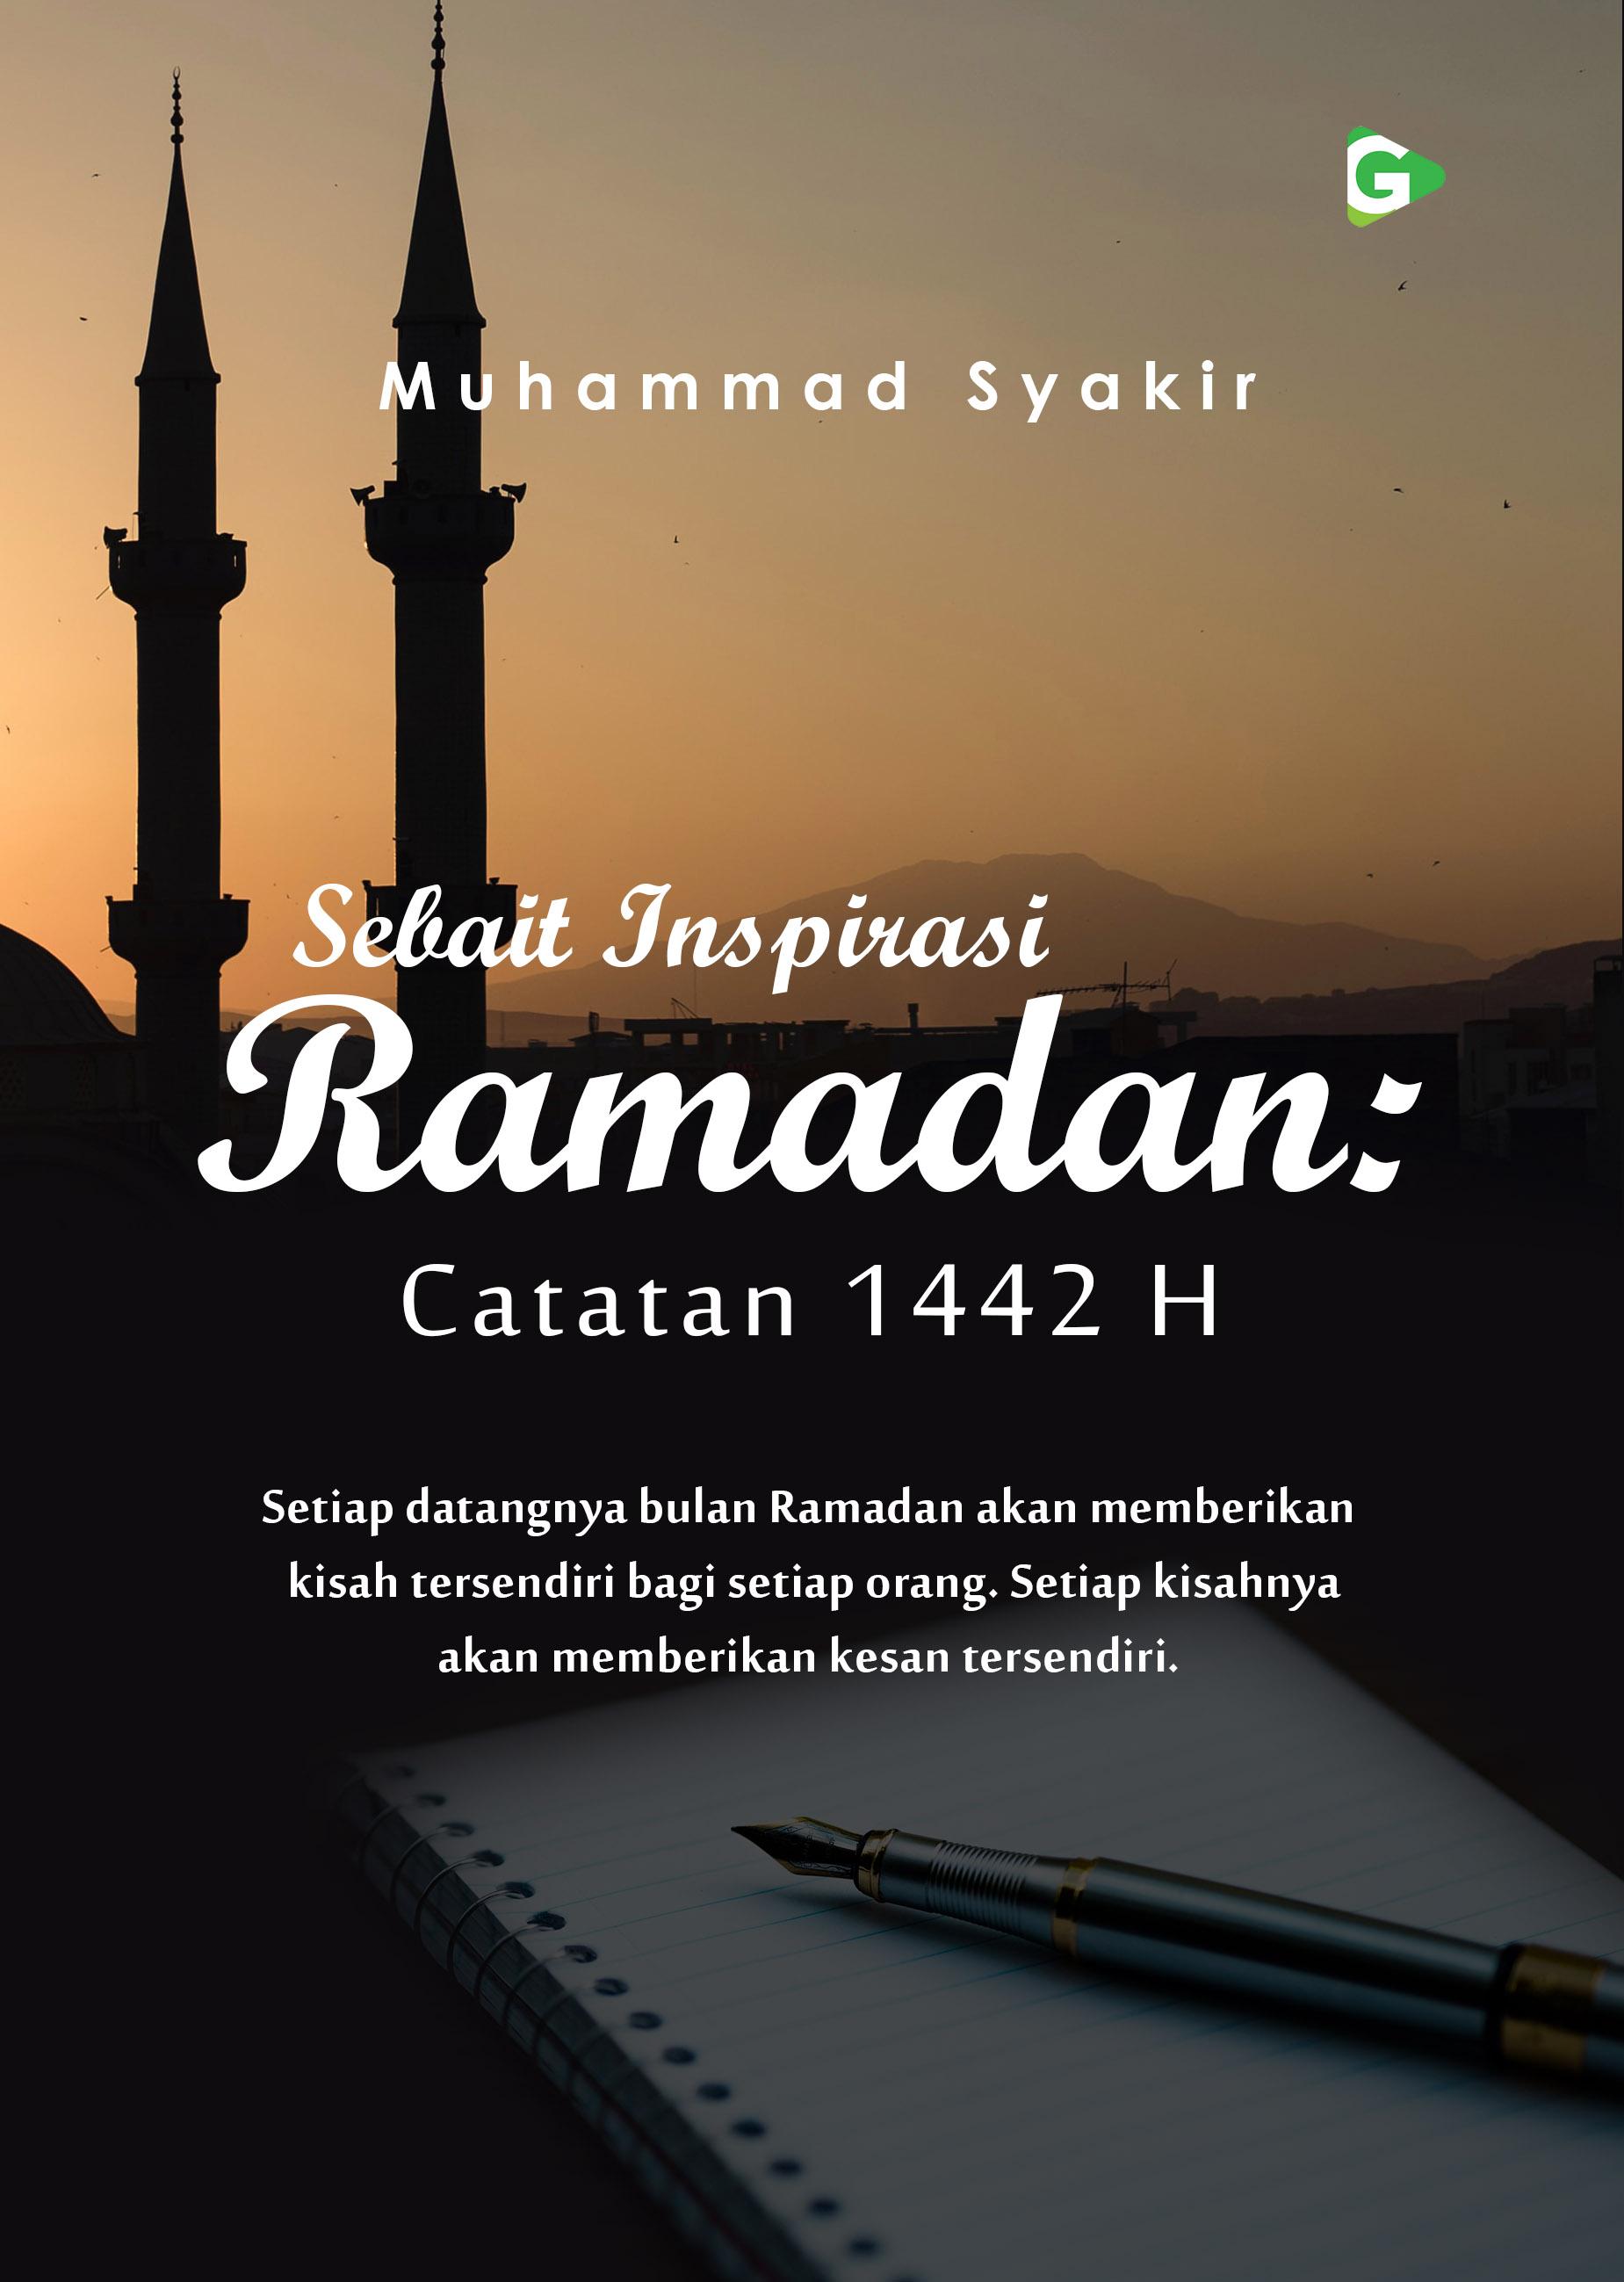 Sebait inspirasi Ramadan [sumber elektronis] : catatan 1442 H